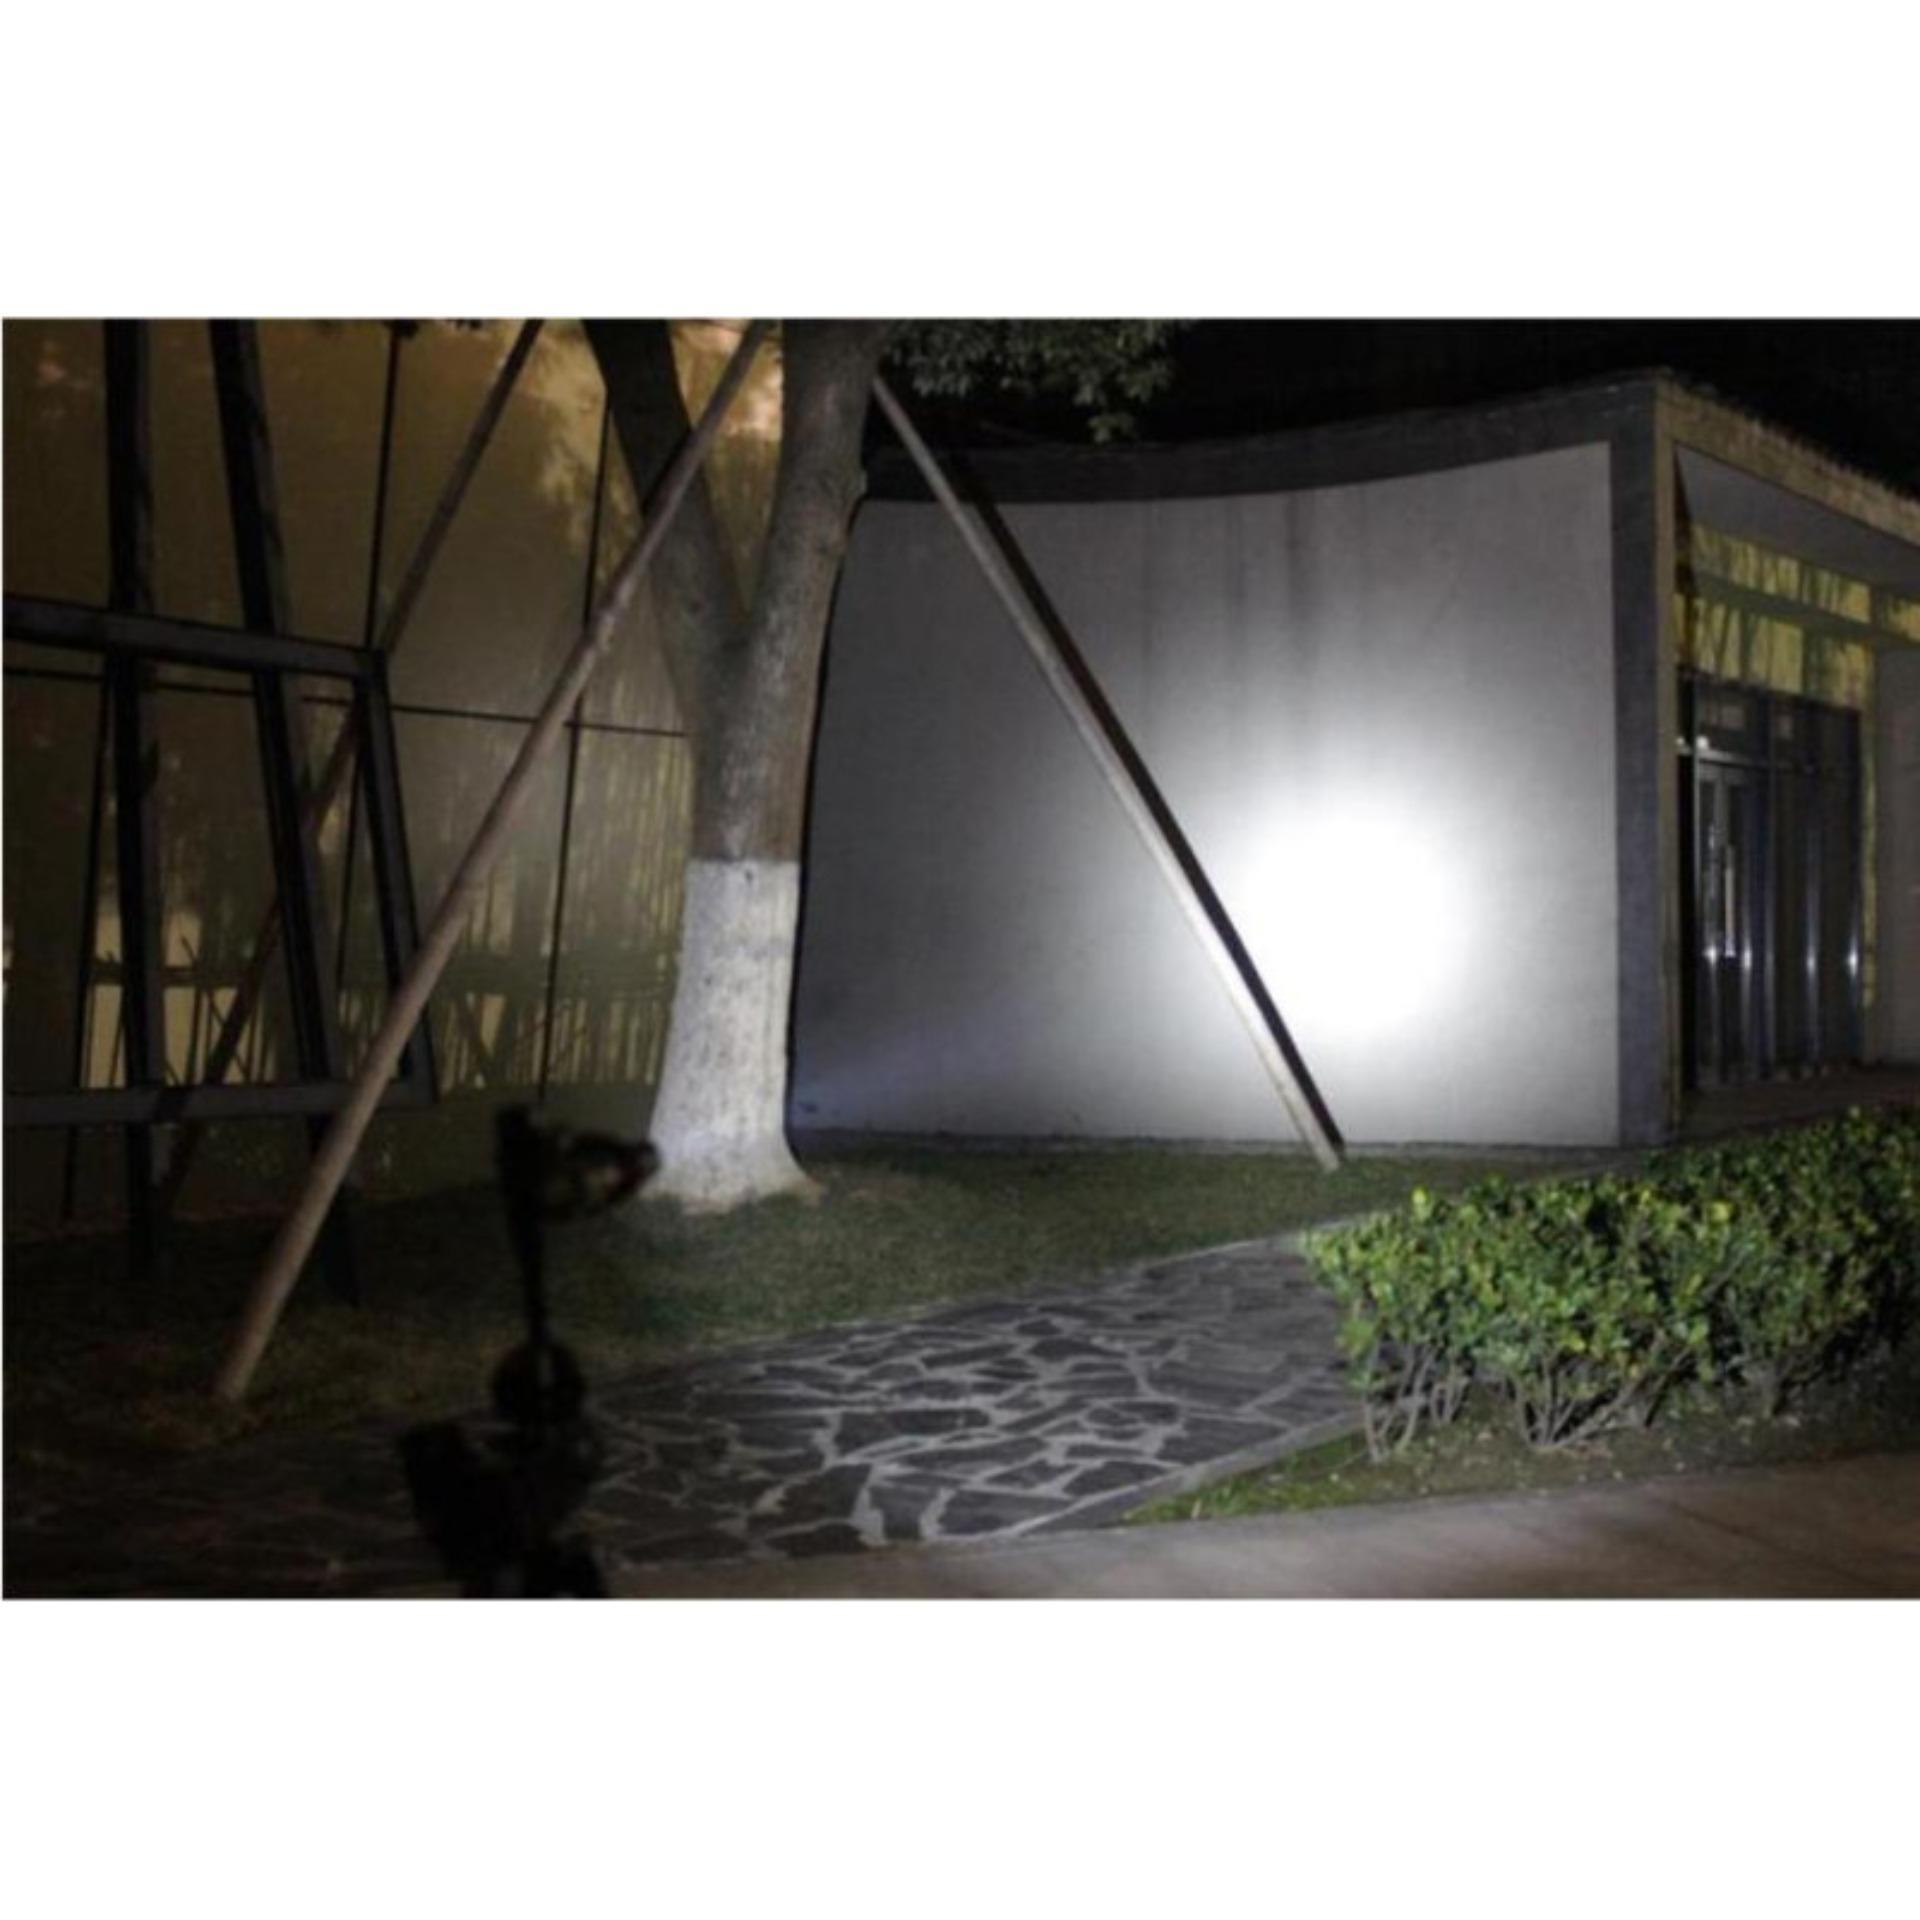 Du Lịch Nam Du, Đèn Led Đa Chức Năng, Làm La Bàn, Đèn Pin Chiếu Sáng, Bh 1 Đổi 1, Giá Tốt.